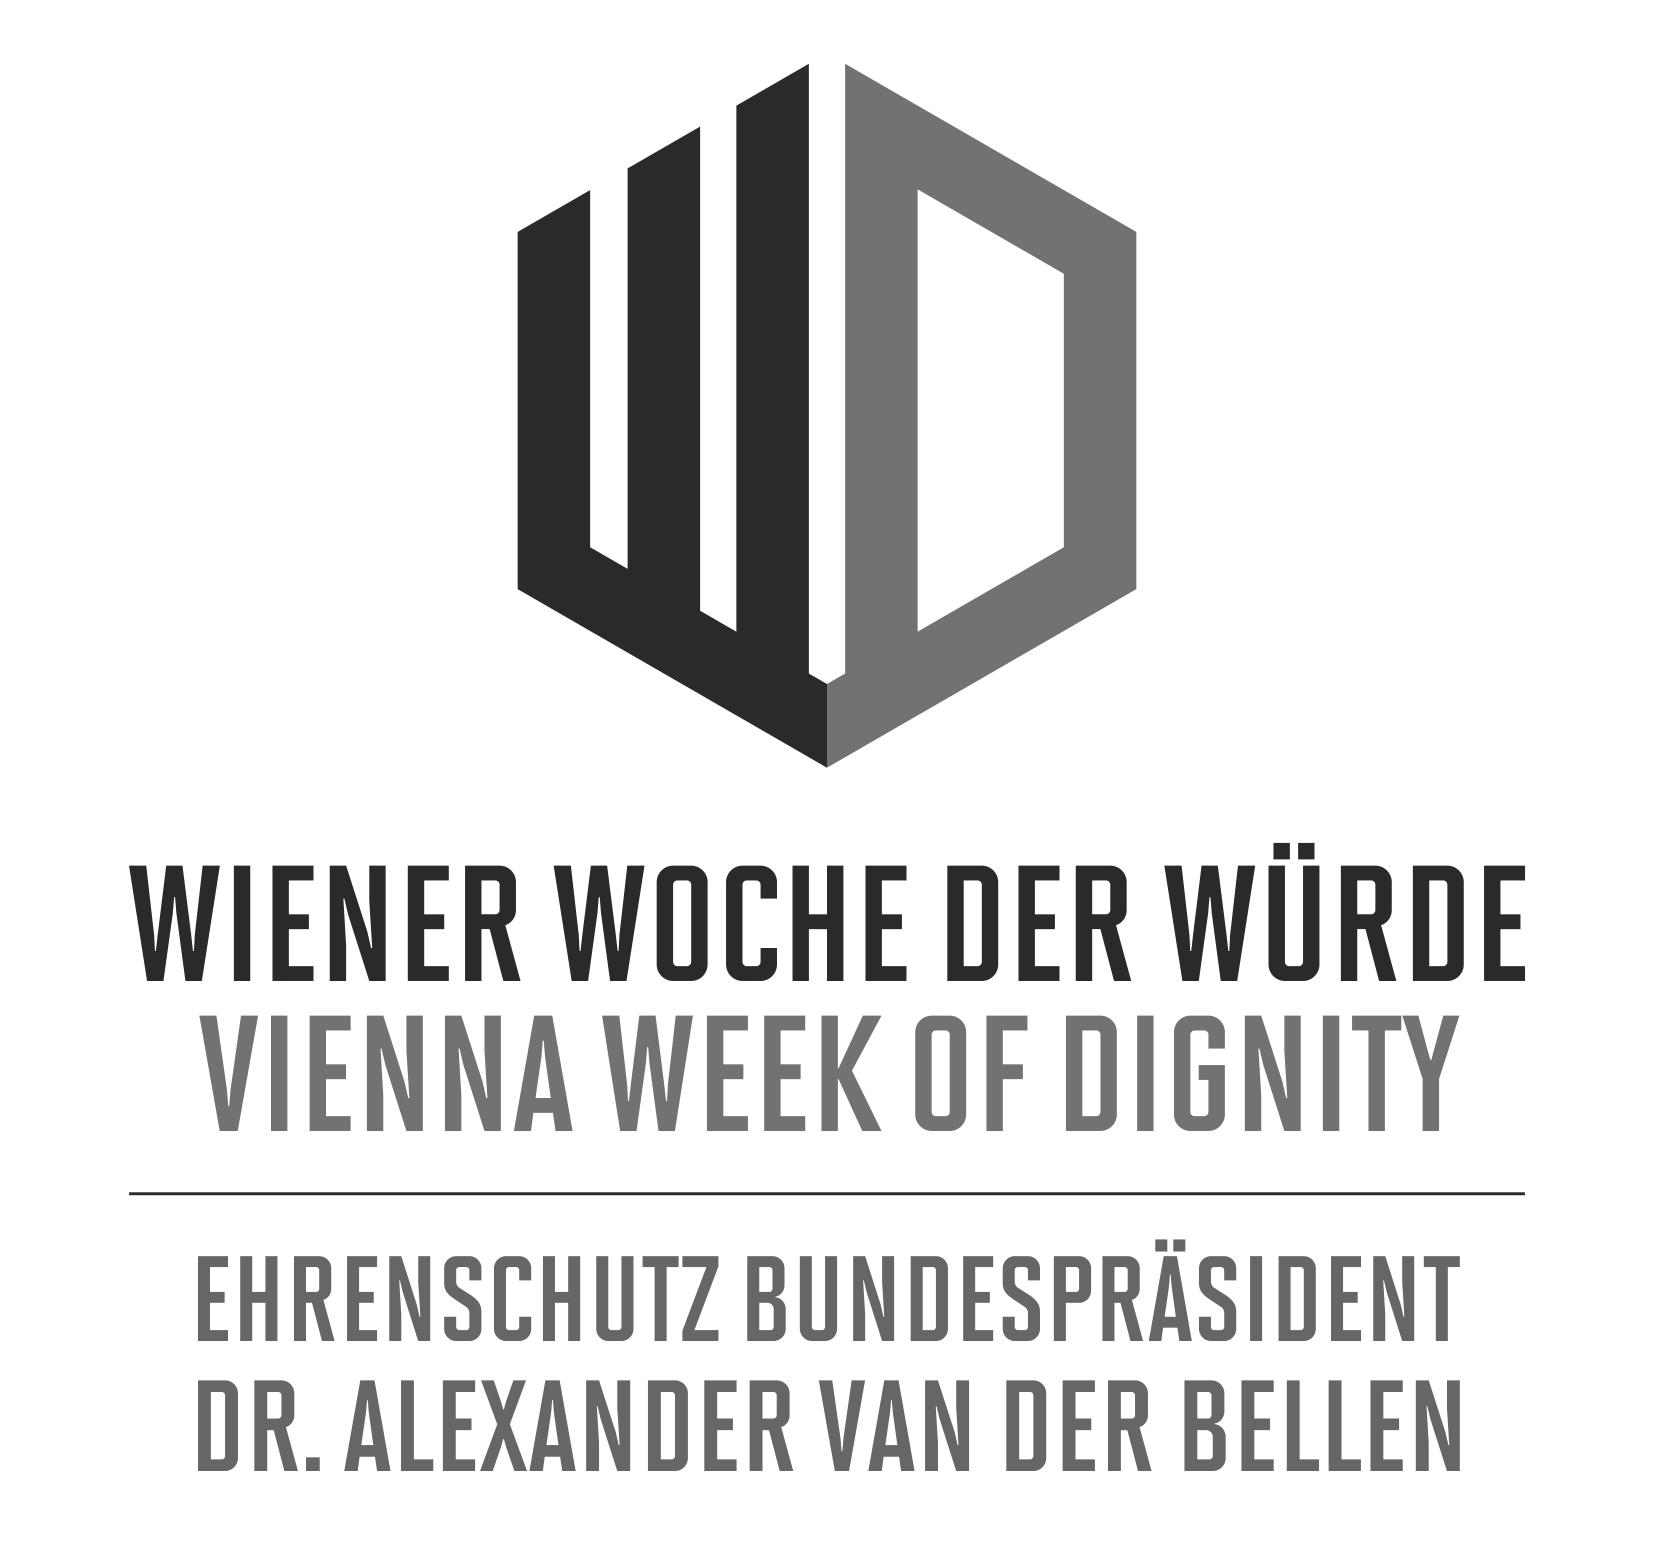 Wiener Woche der Würde